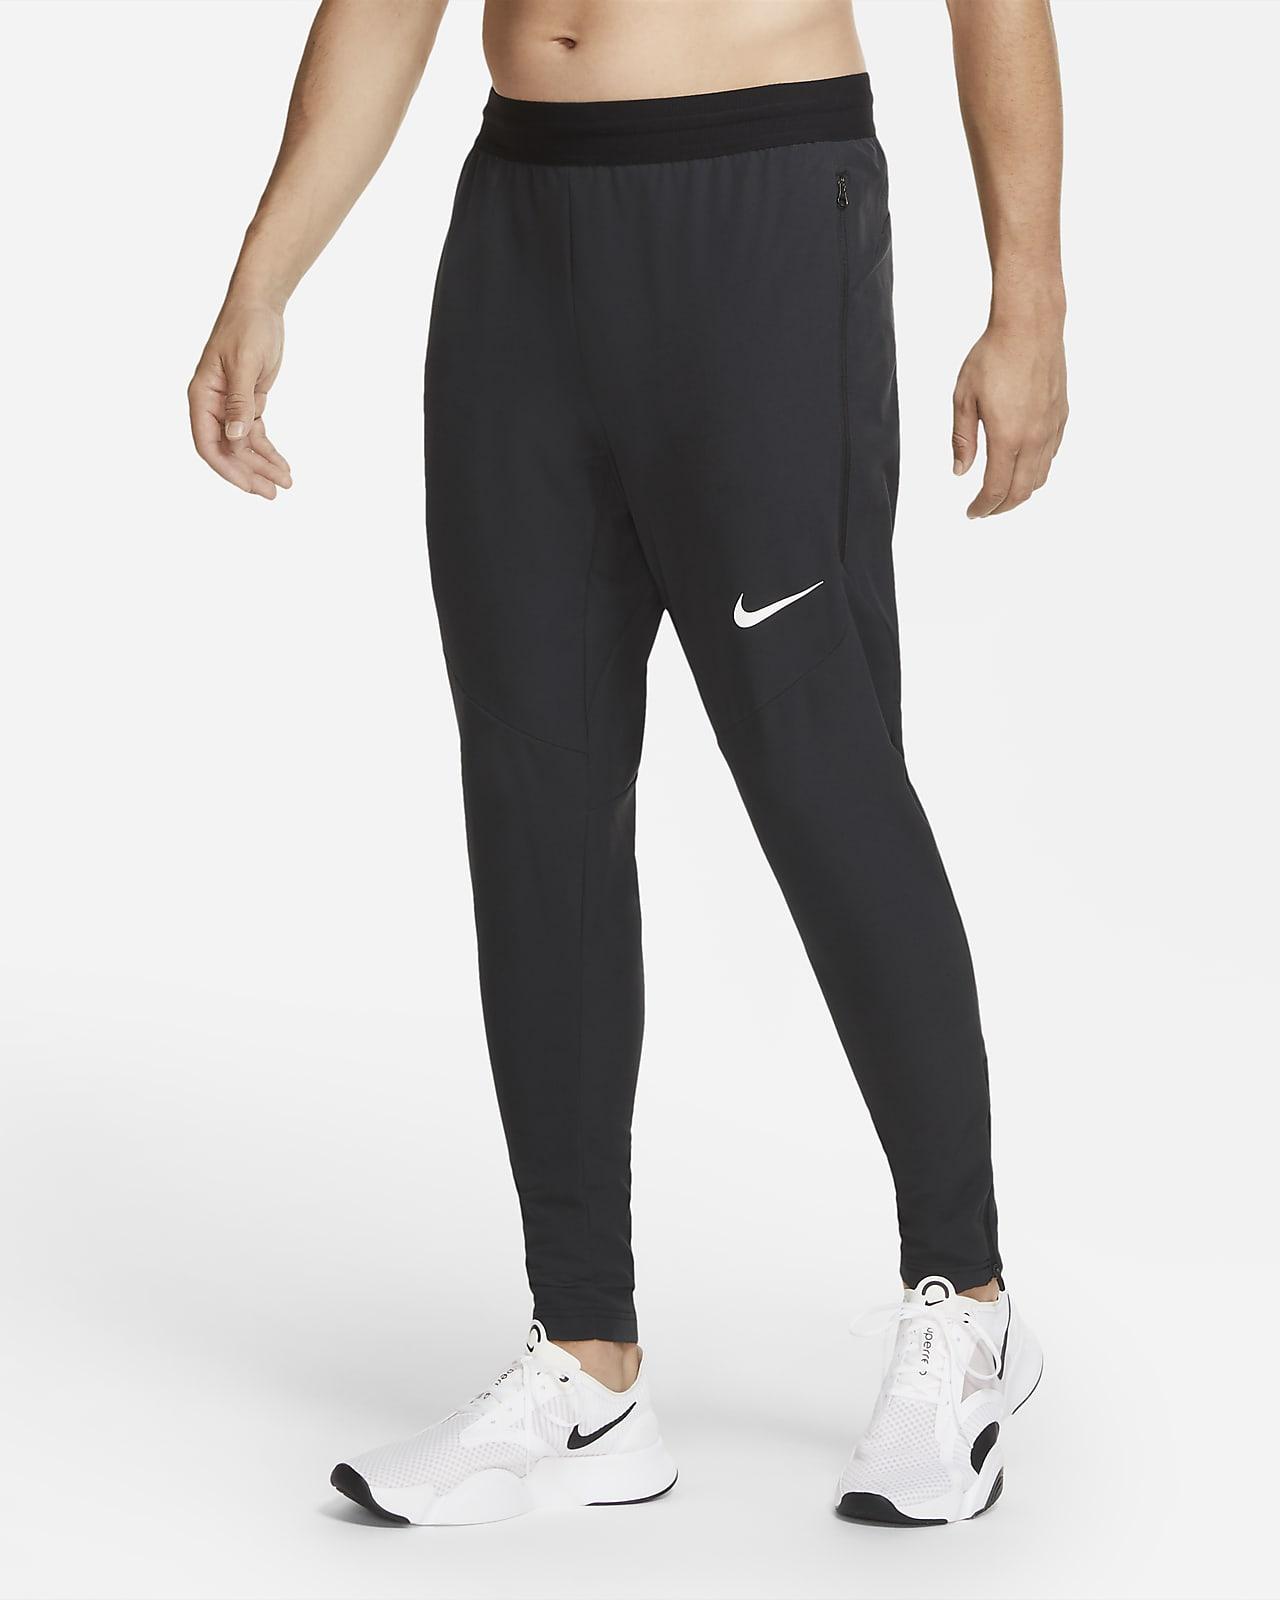 Pantalones de entrenamiento para hombre de tejido Woven para invierno Nike